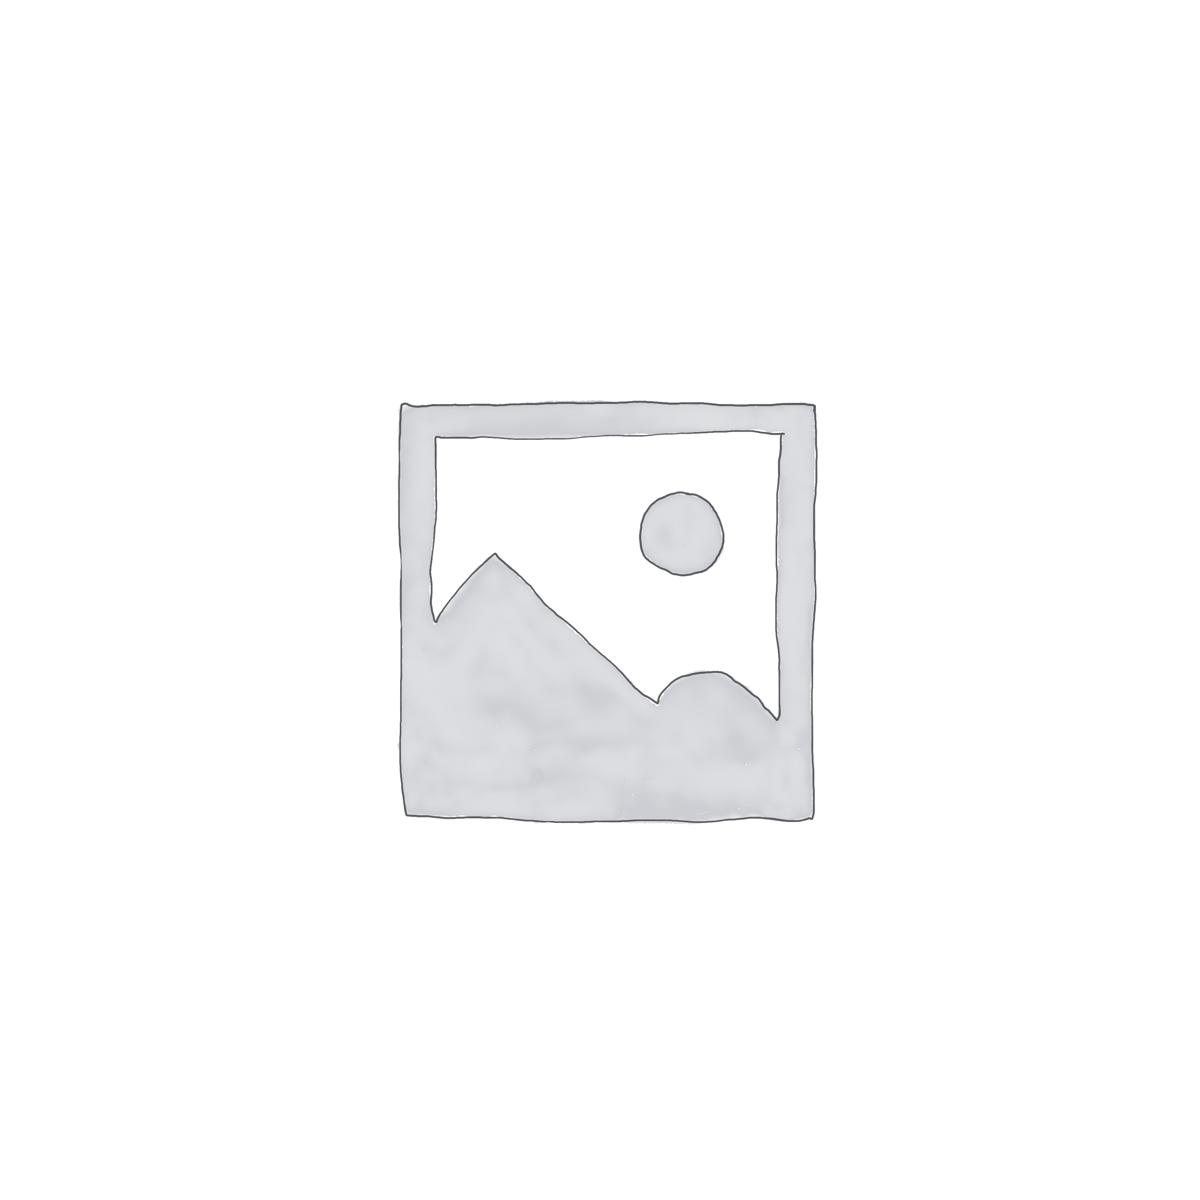 Colorful Geometric Lines Wallpaper Mural